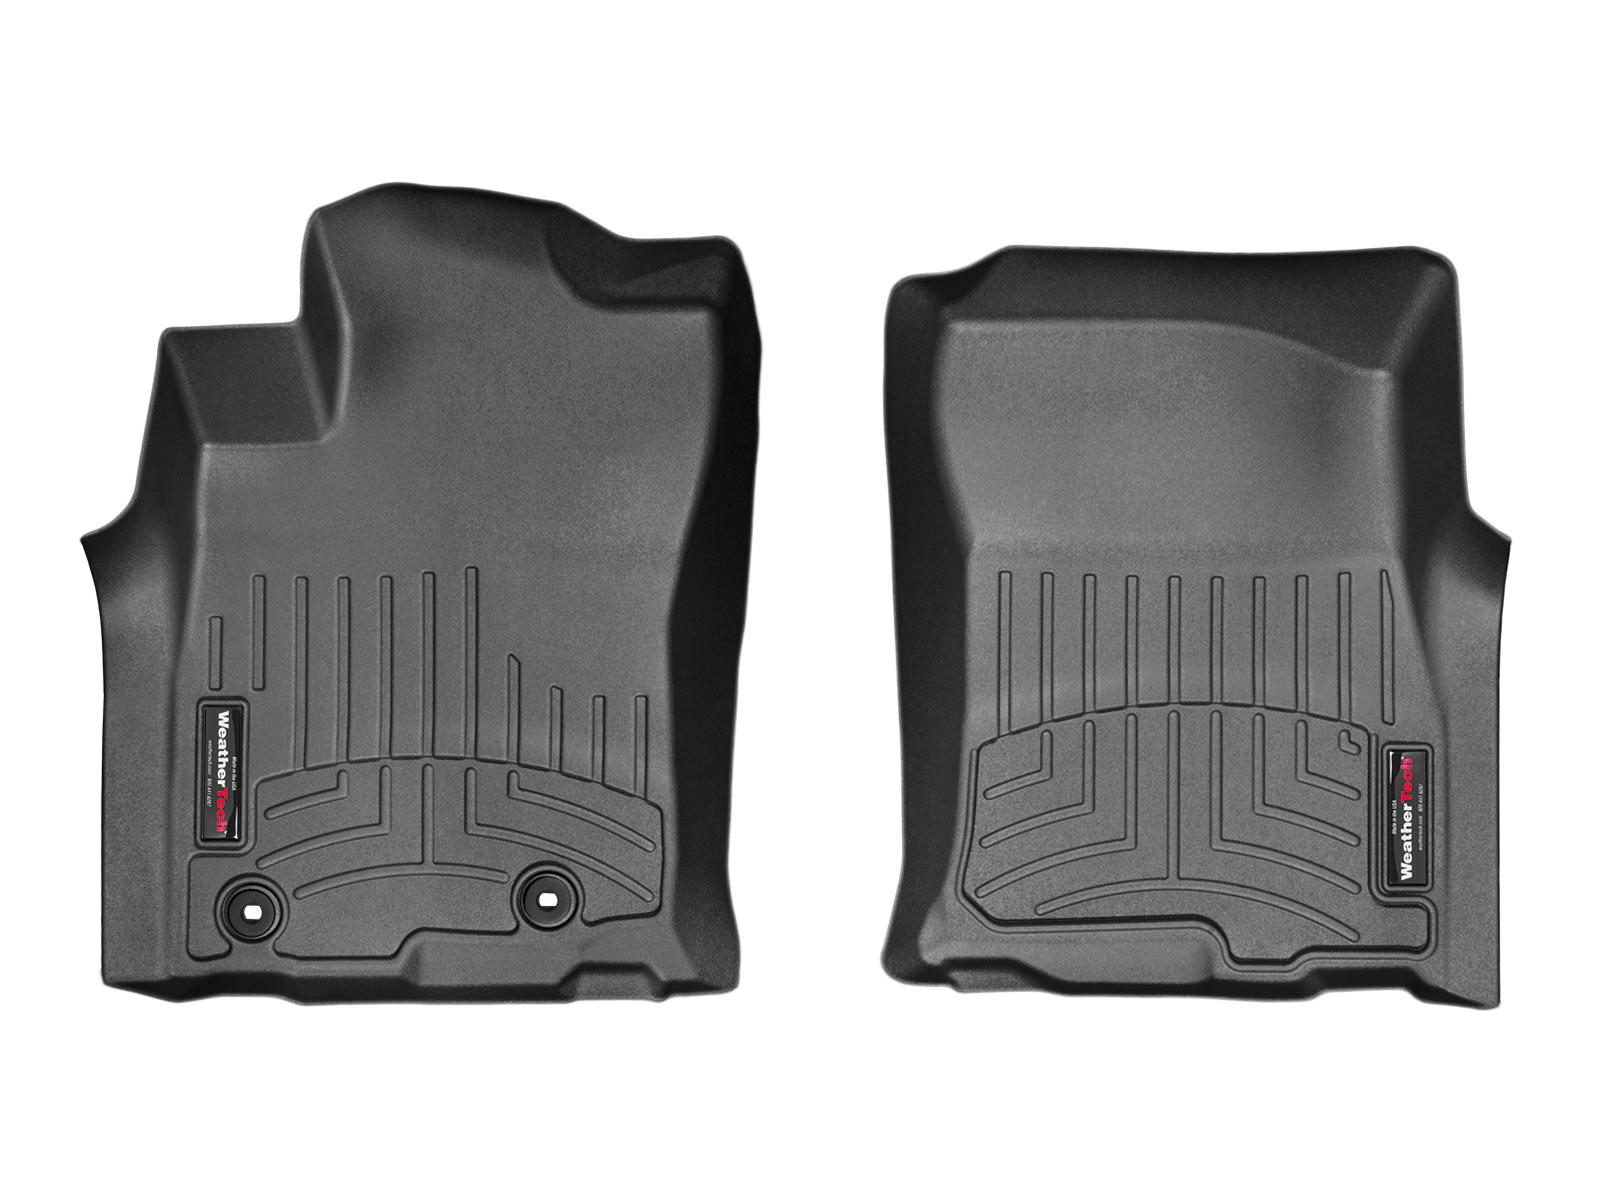 Tappeti gomma su misura bordo alto Toyota Prado 14>14 Nero A3719*